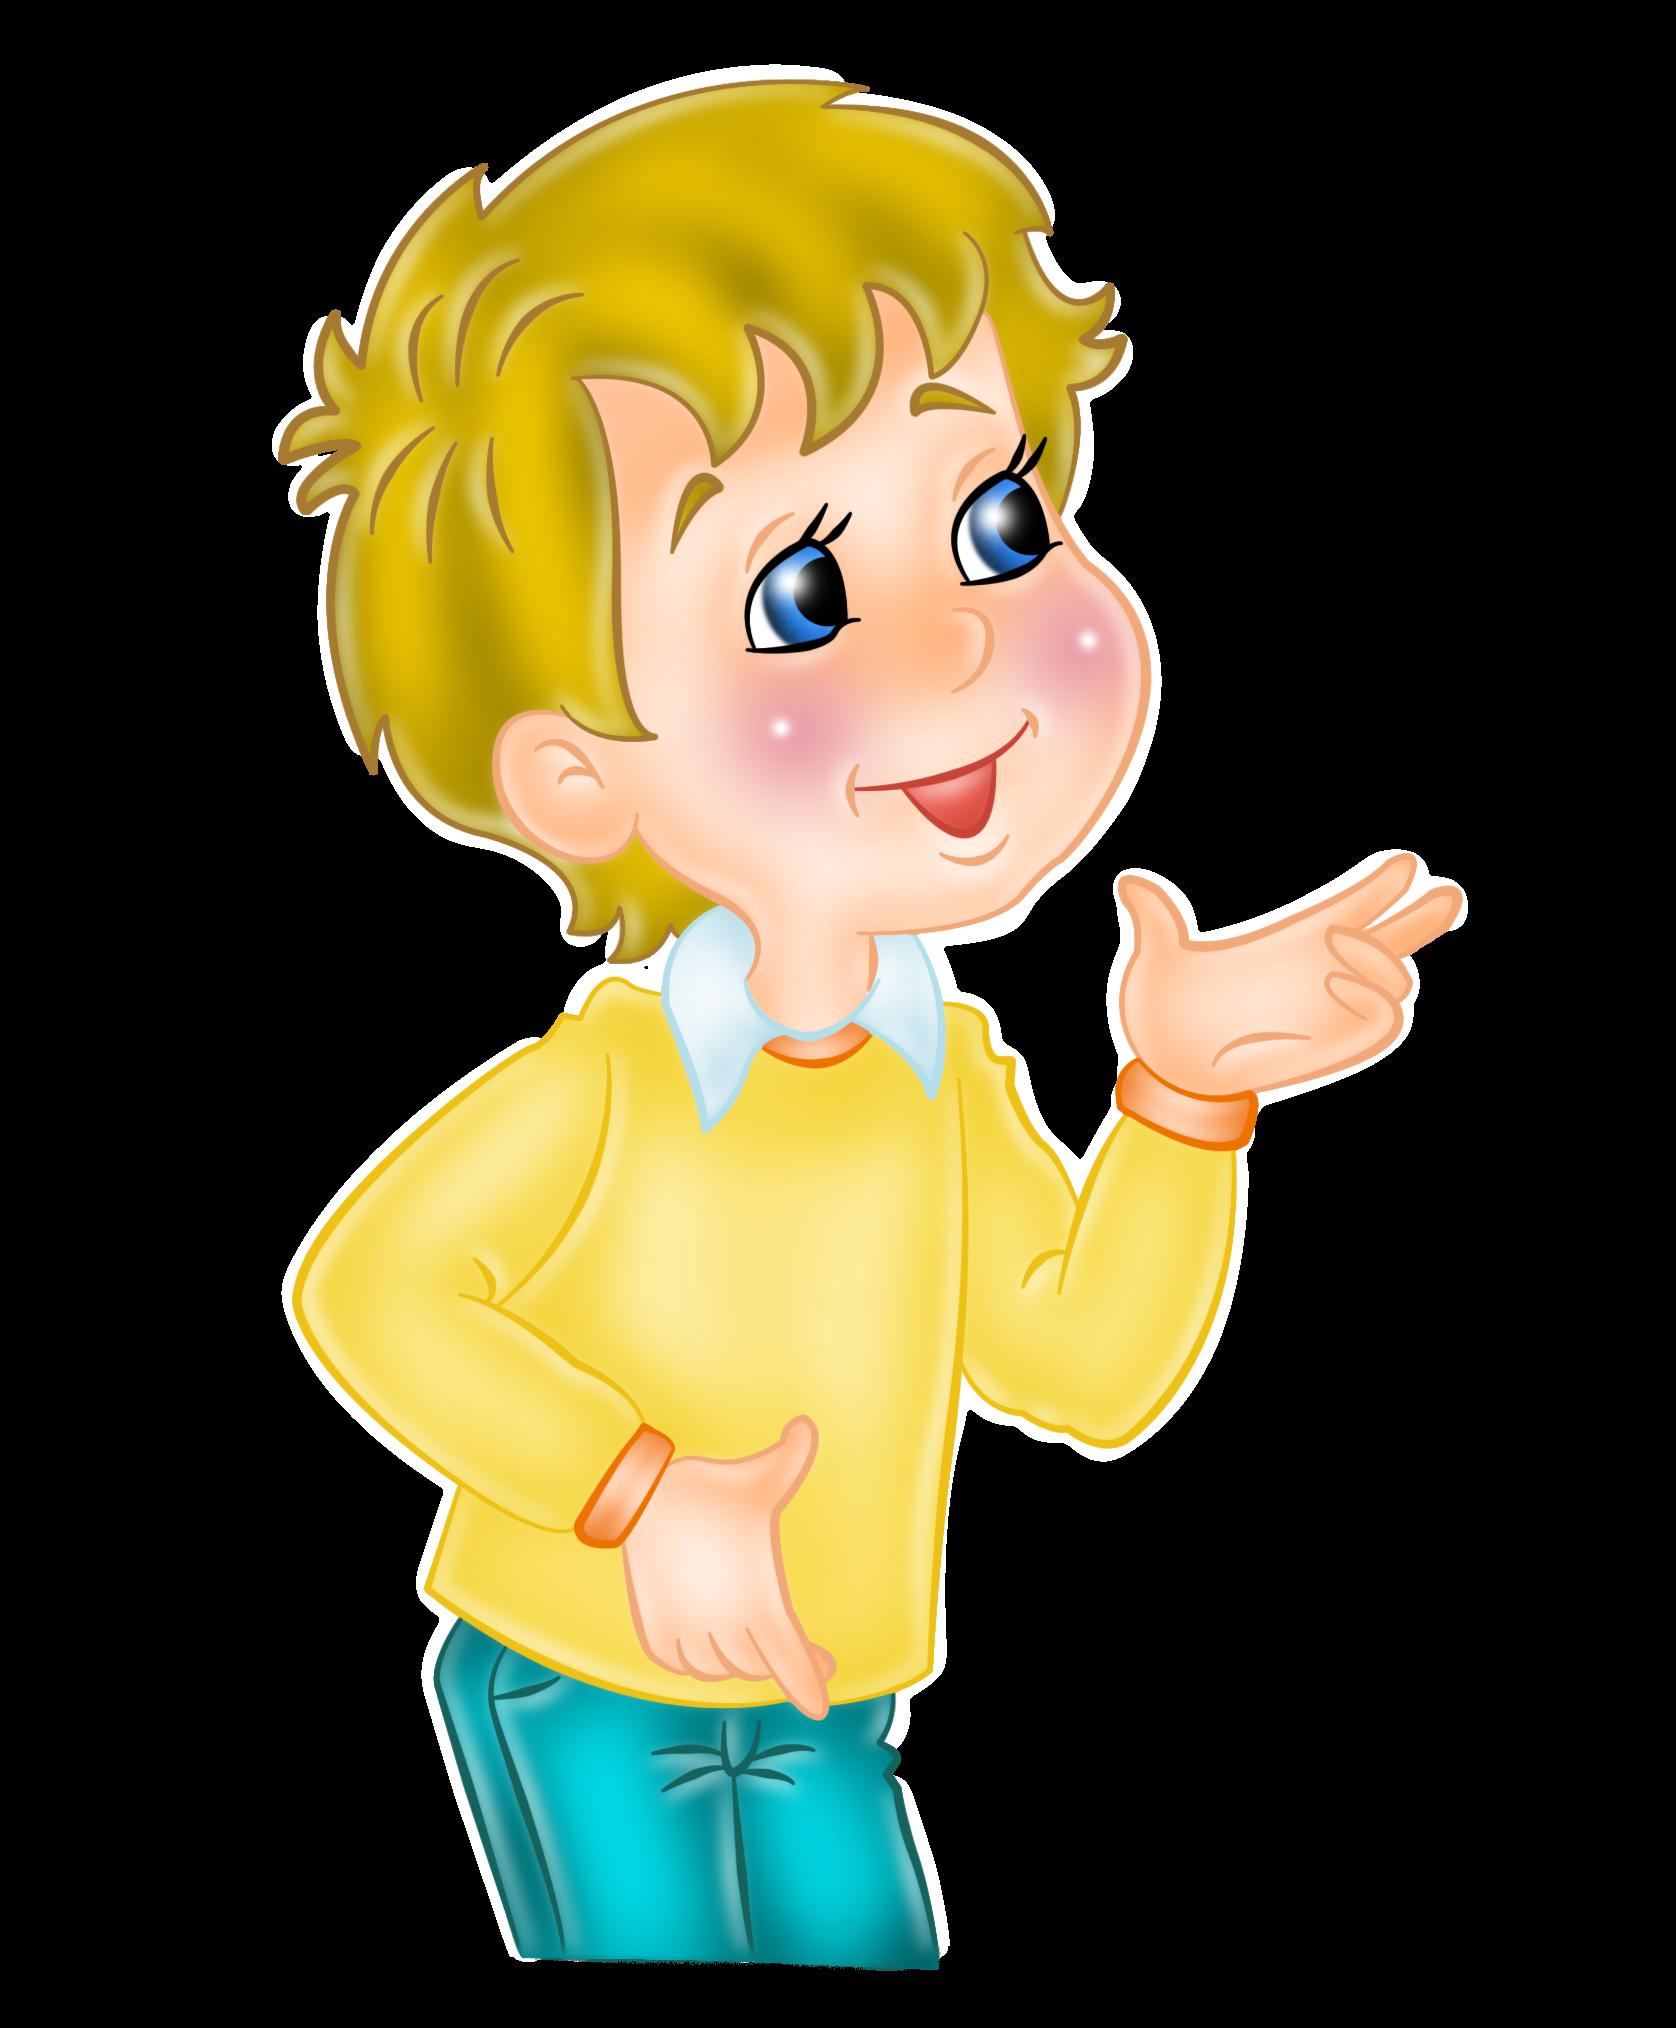 Стимпанк елизавета, картинки для детей показать